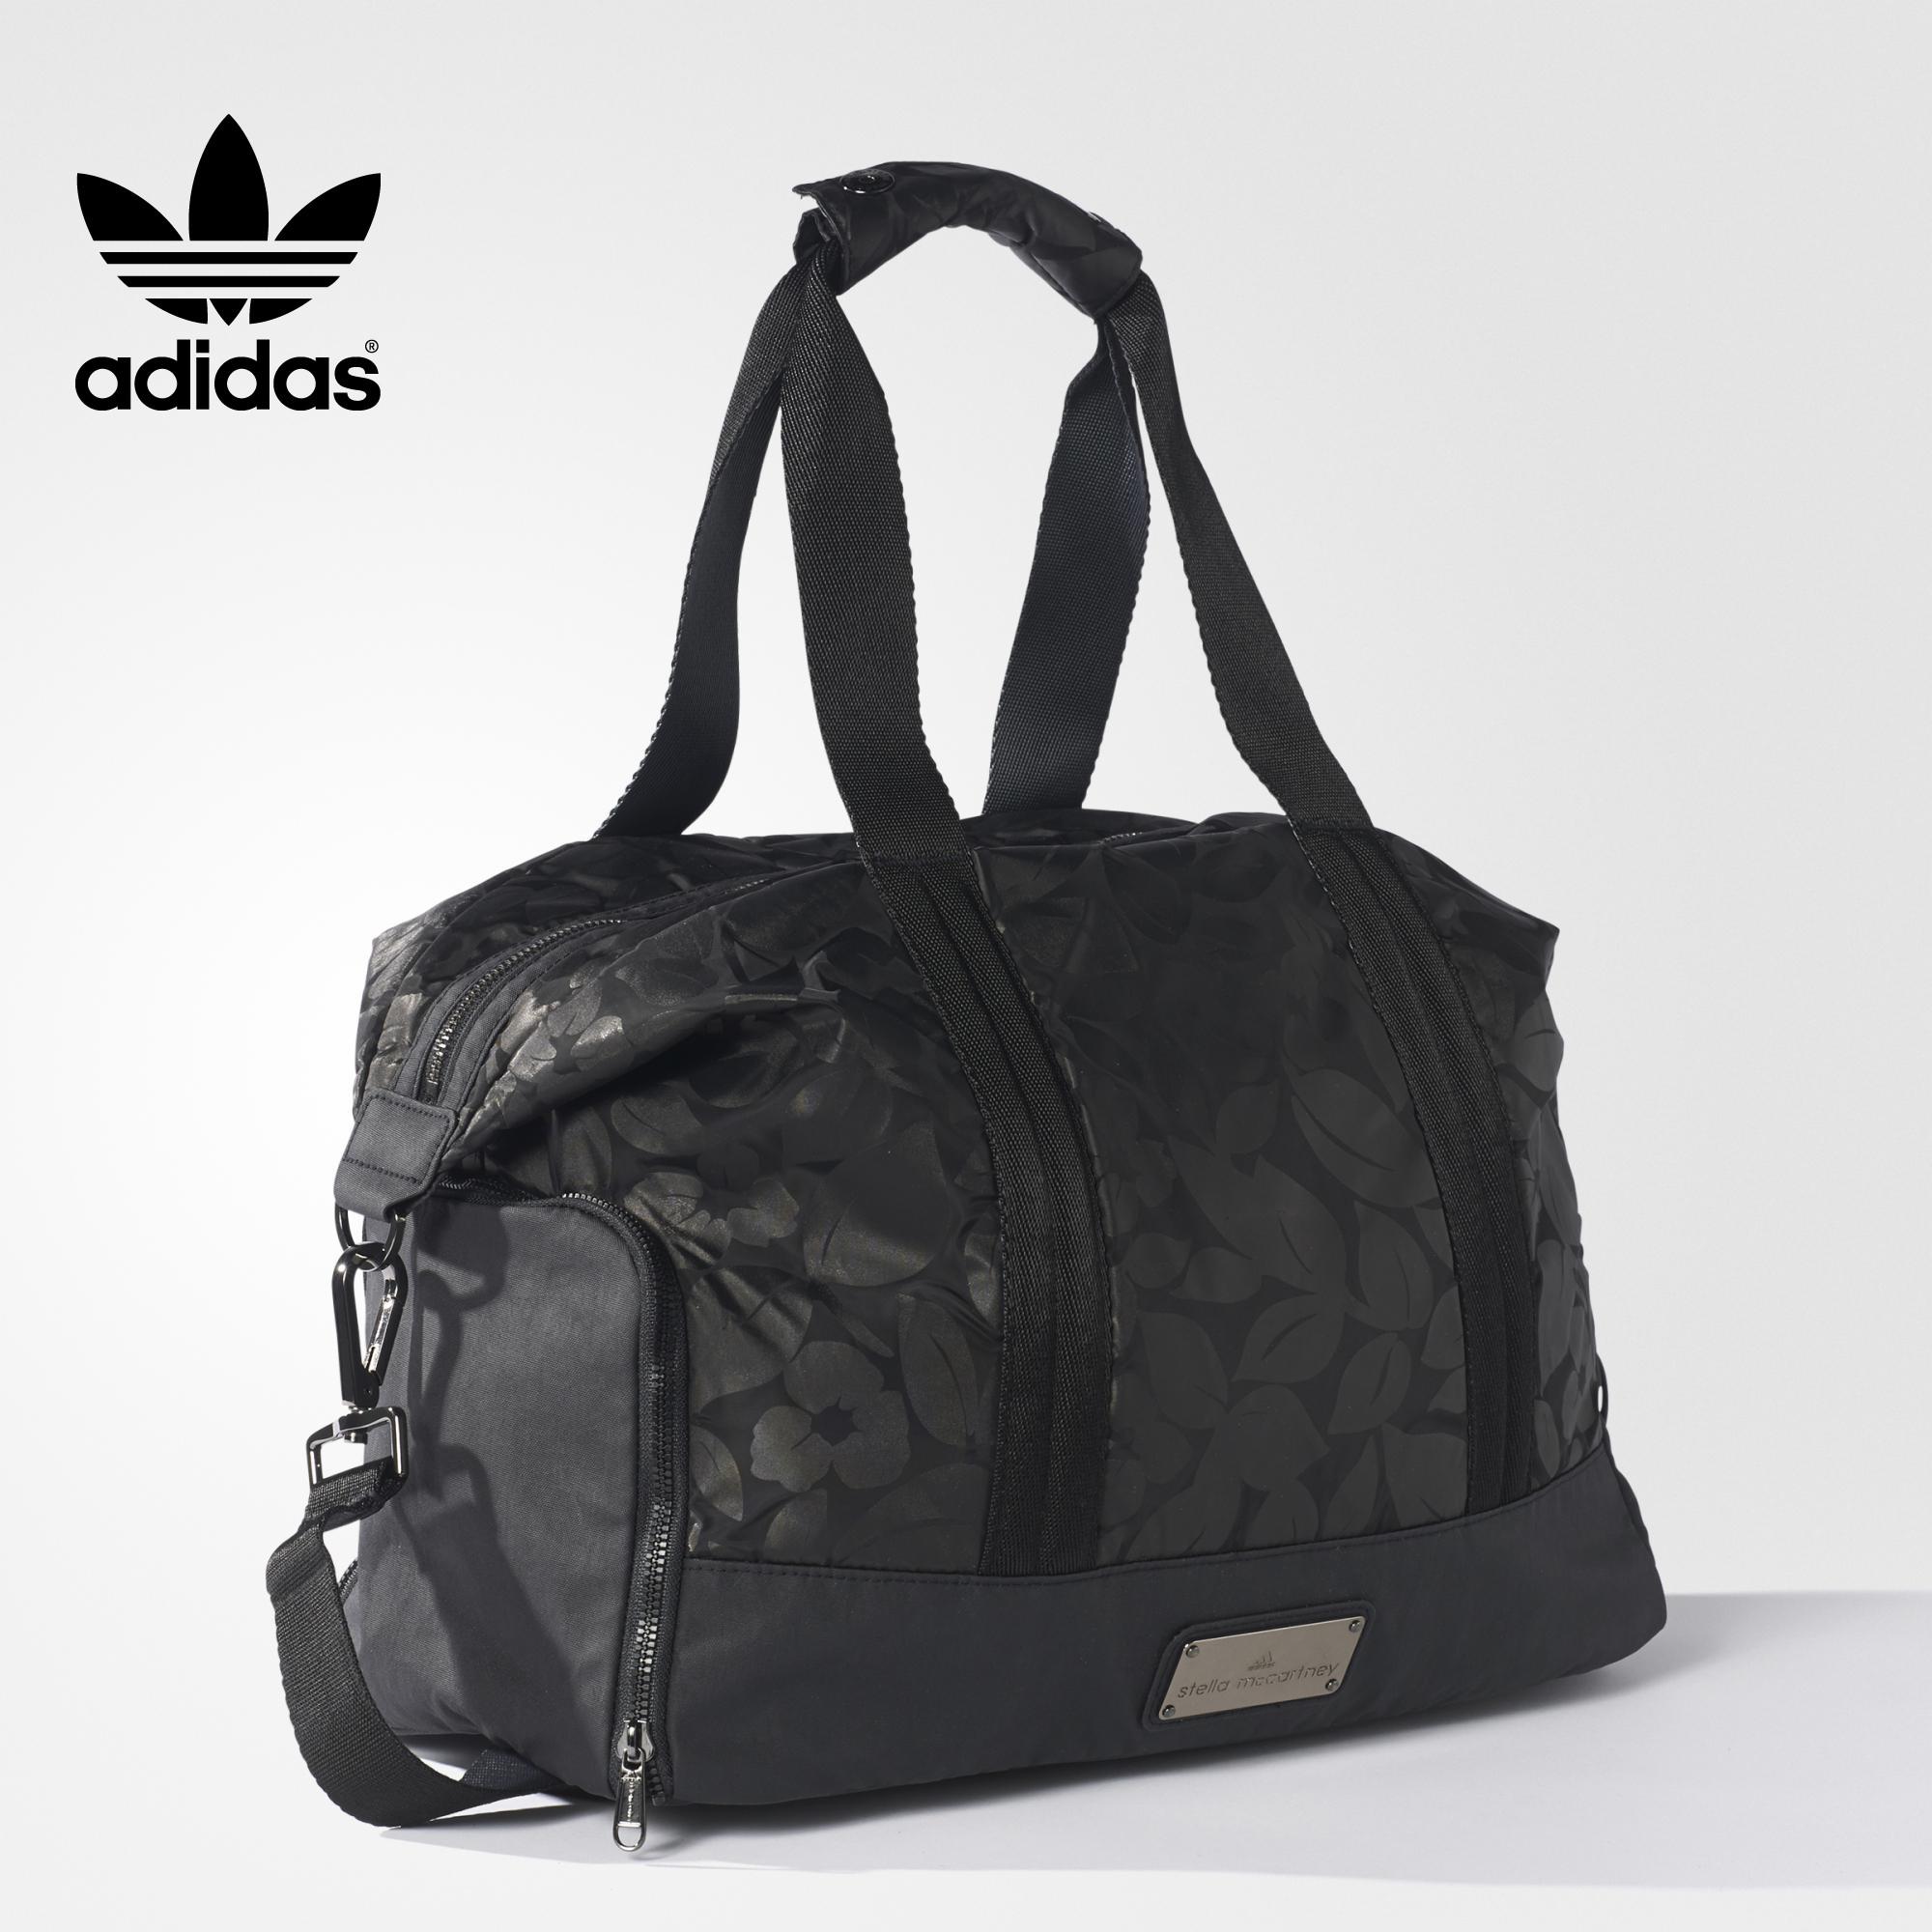 Gym Ac2744 Bolso Adidas Mujer Bag jc5ALS34Rq